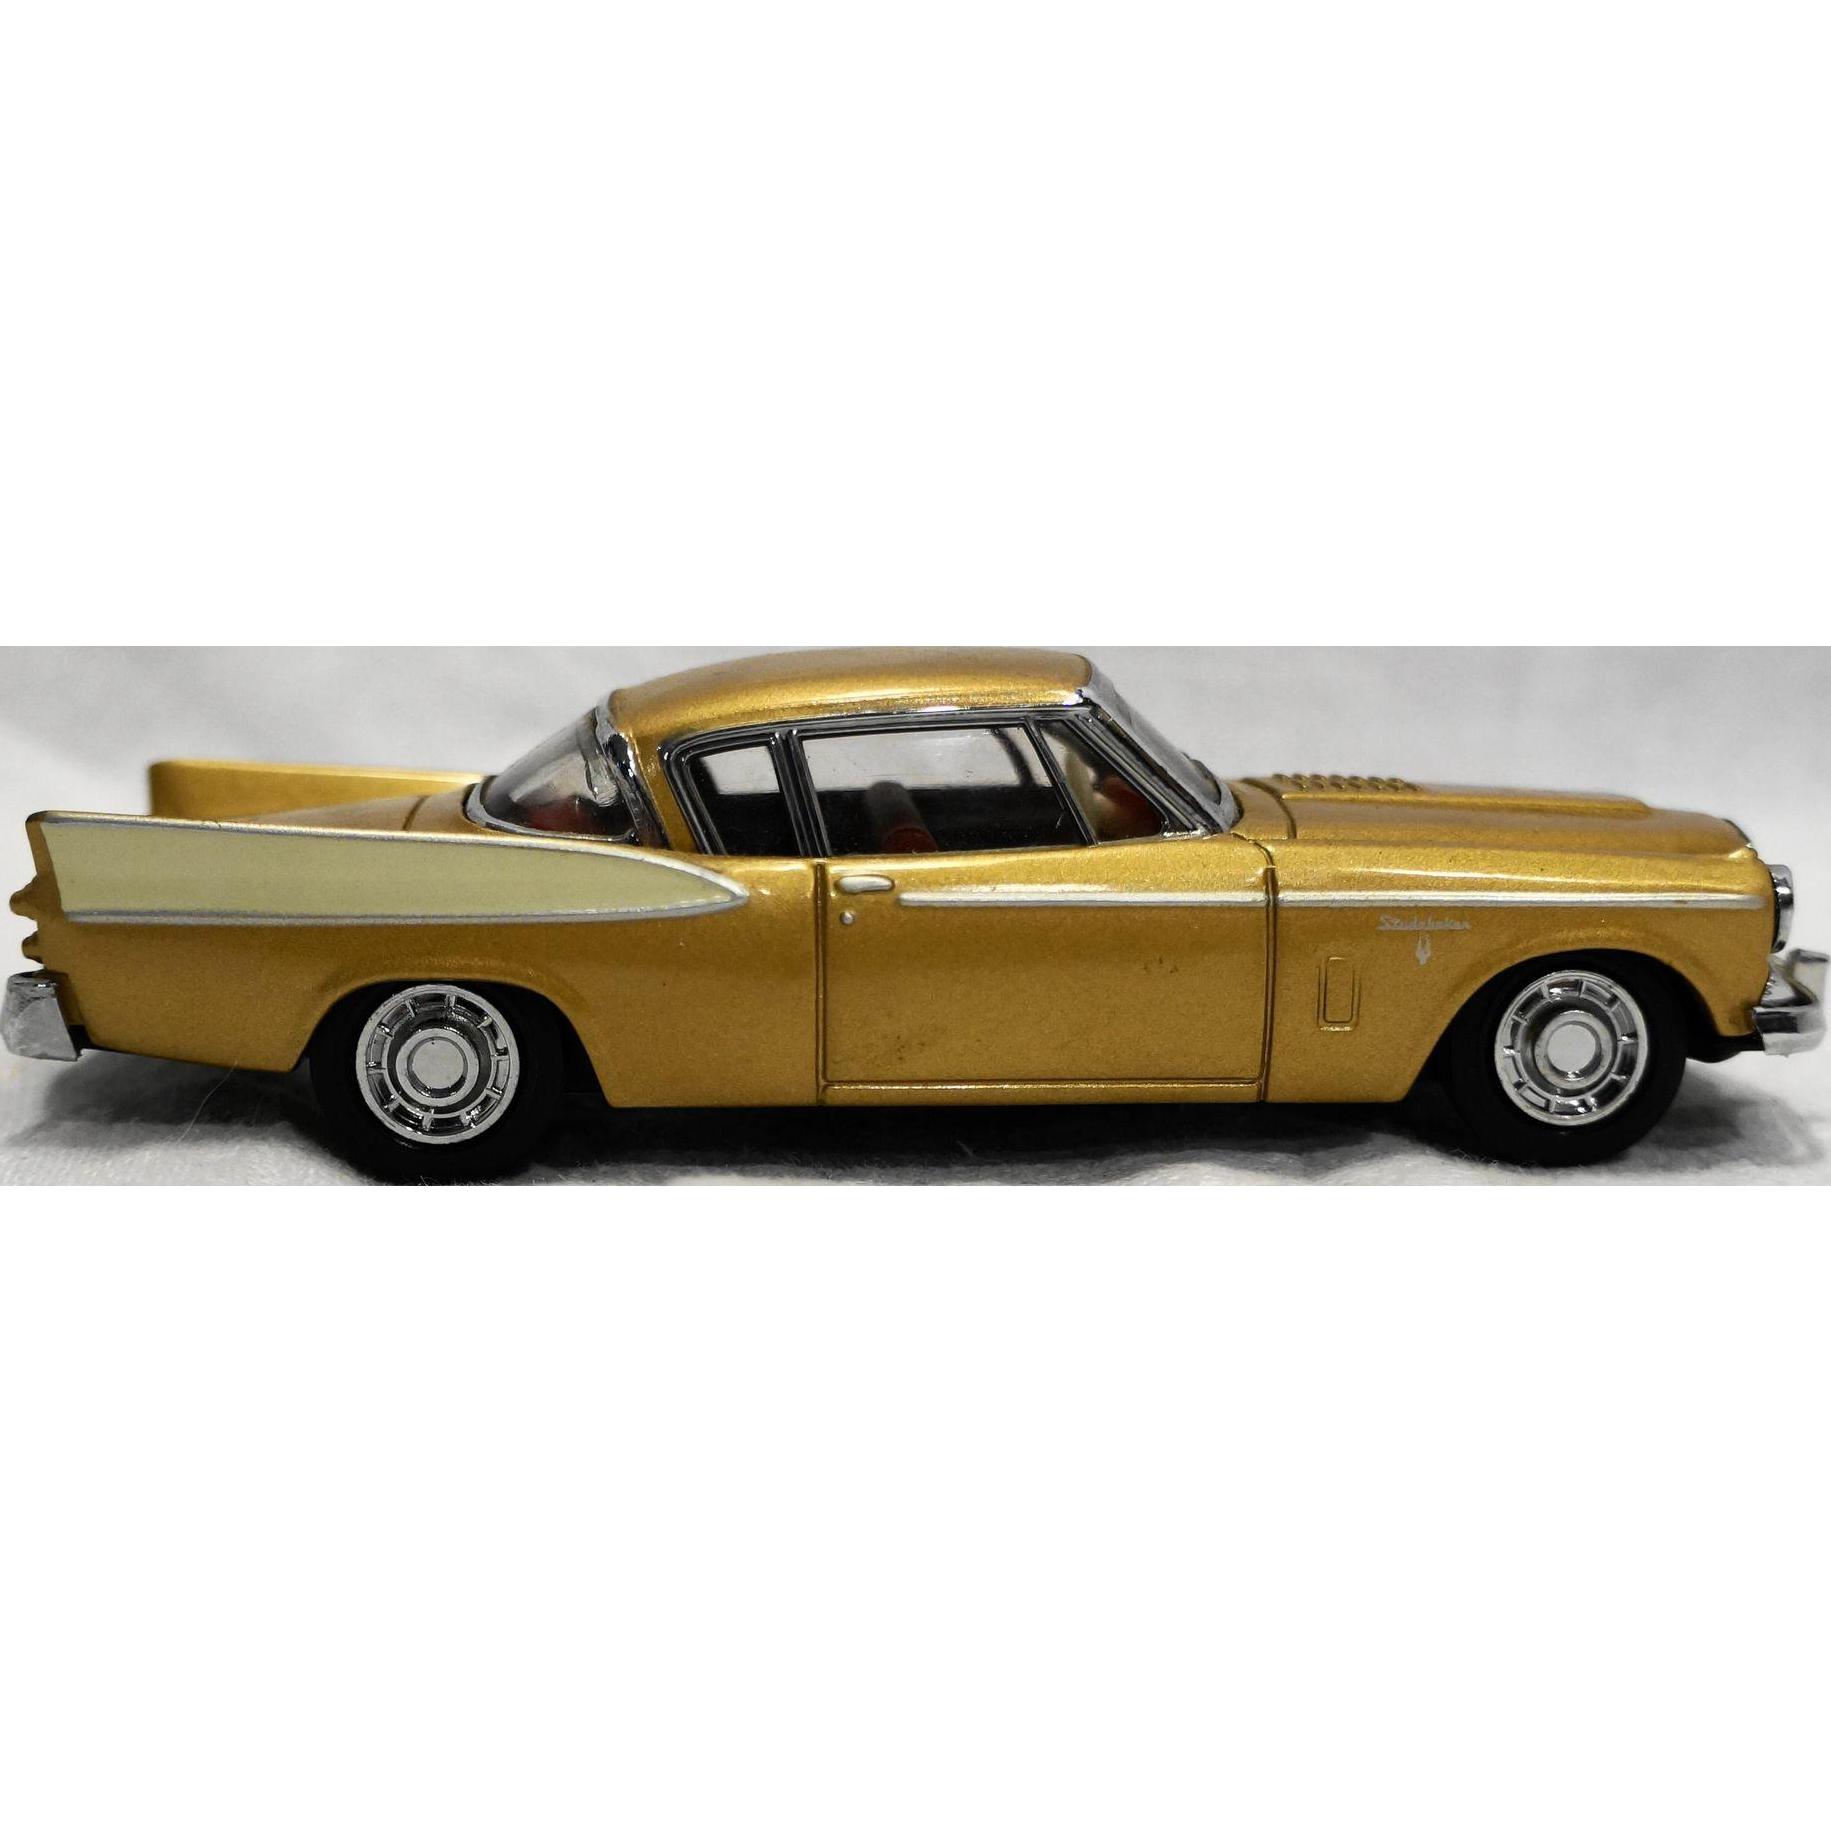 Dinky 1991 1958 Studebaker Golden Hawk Matchbox Car